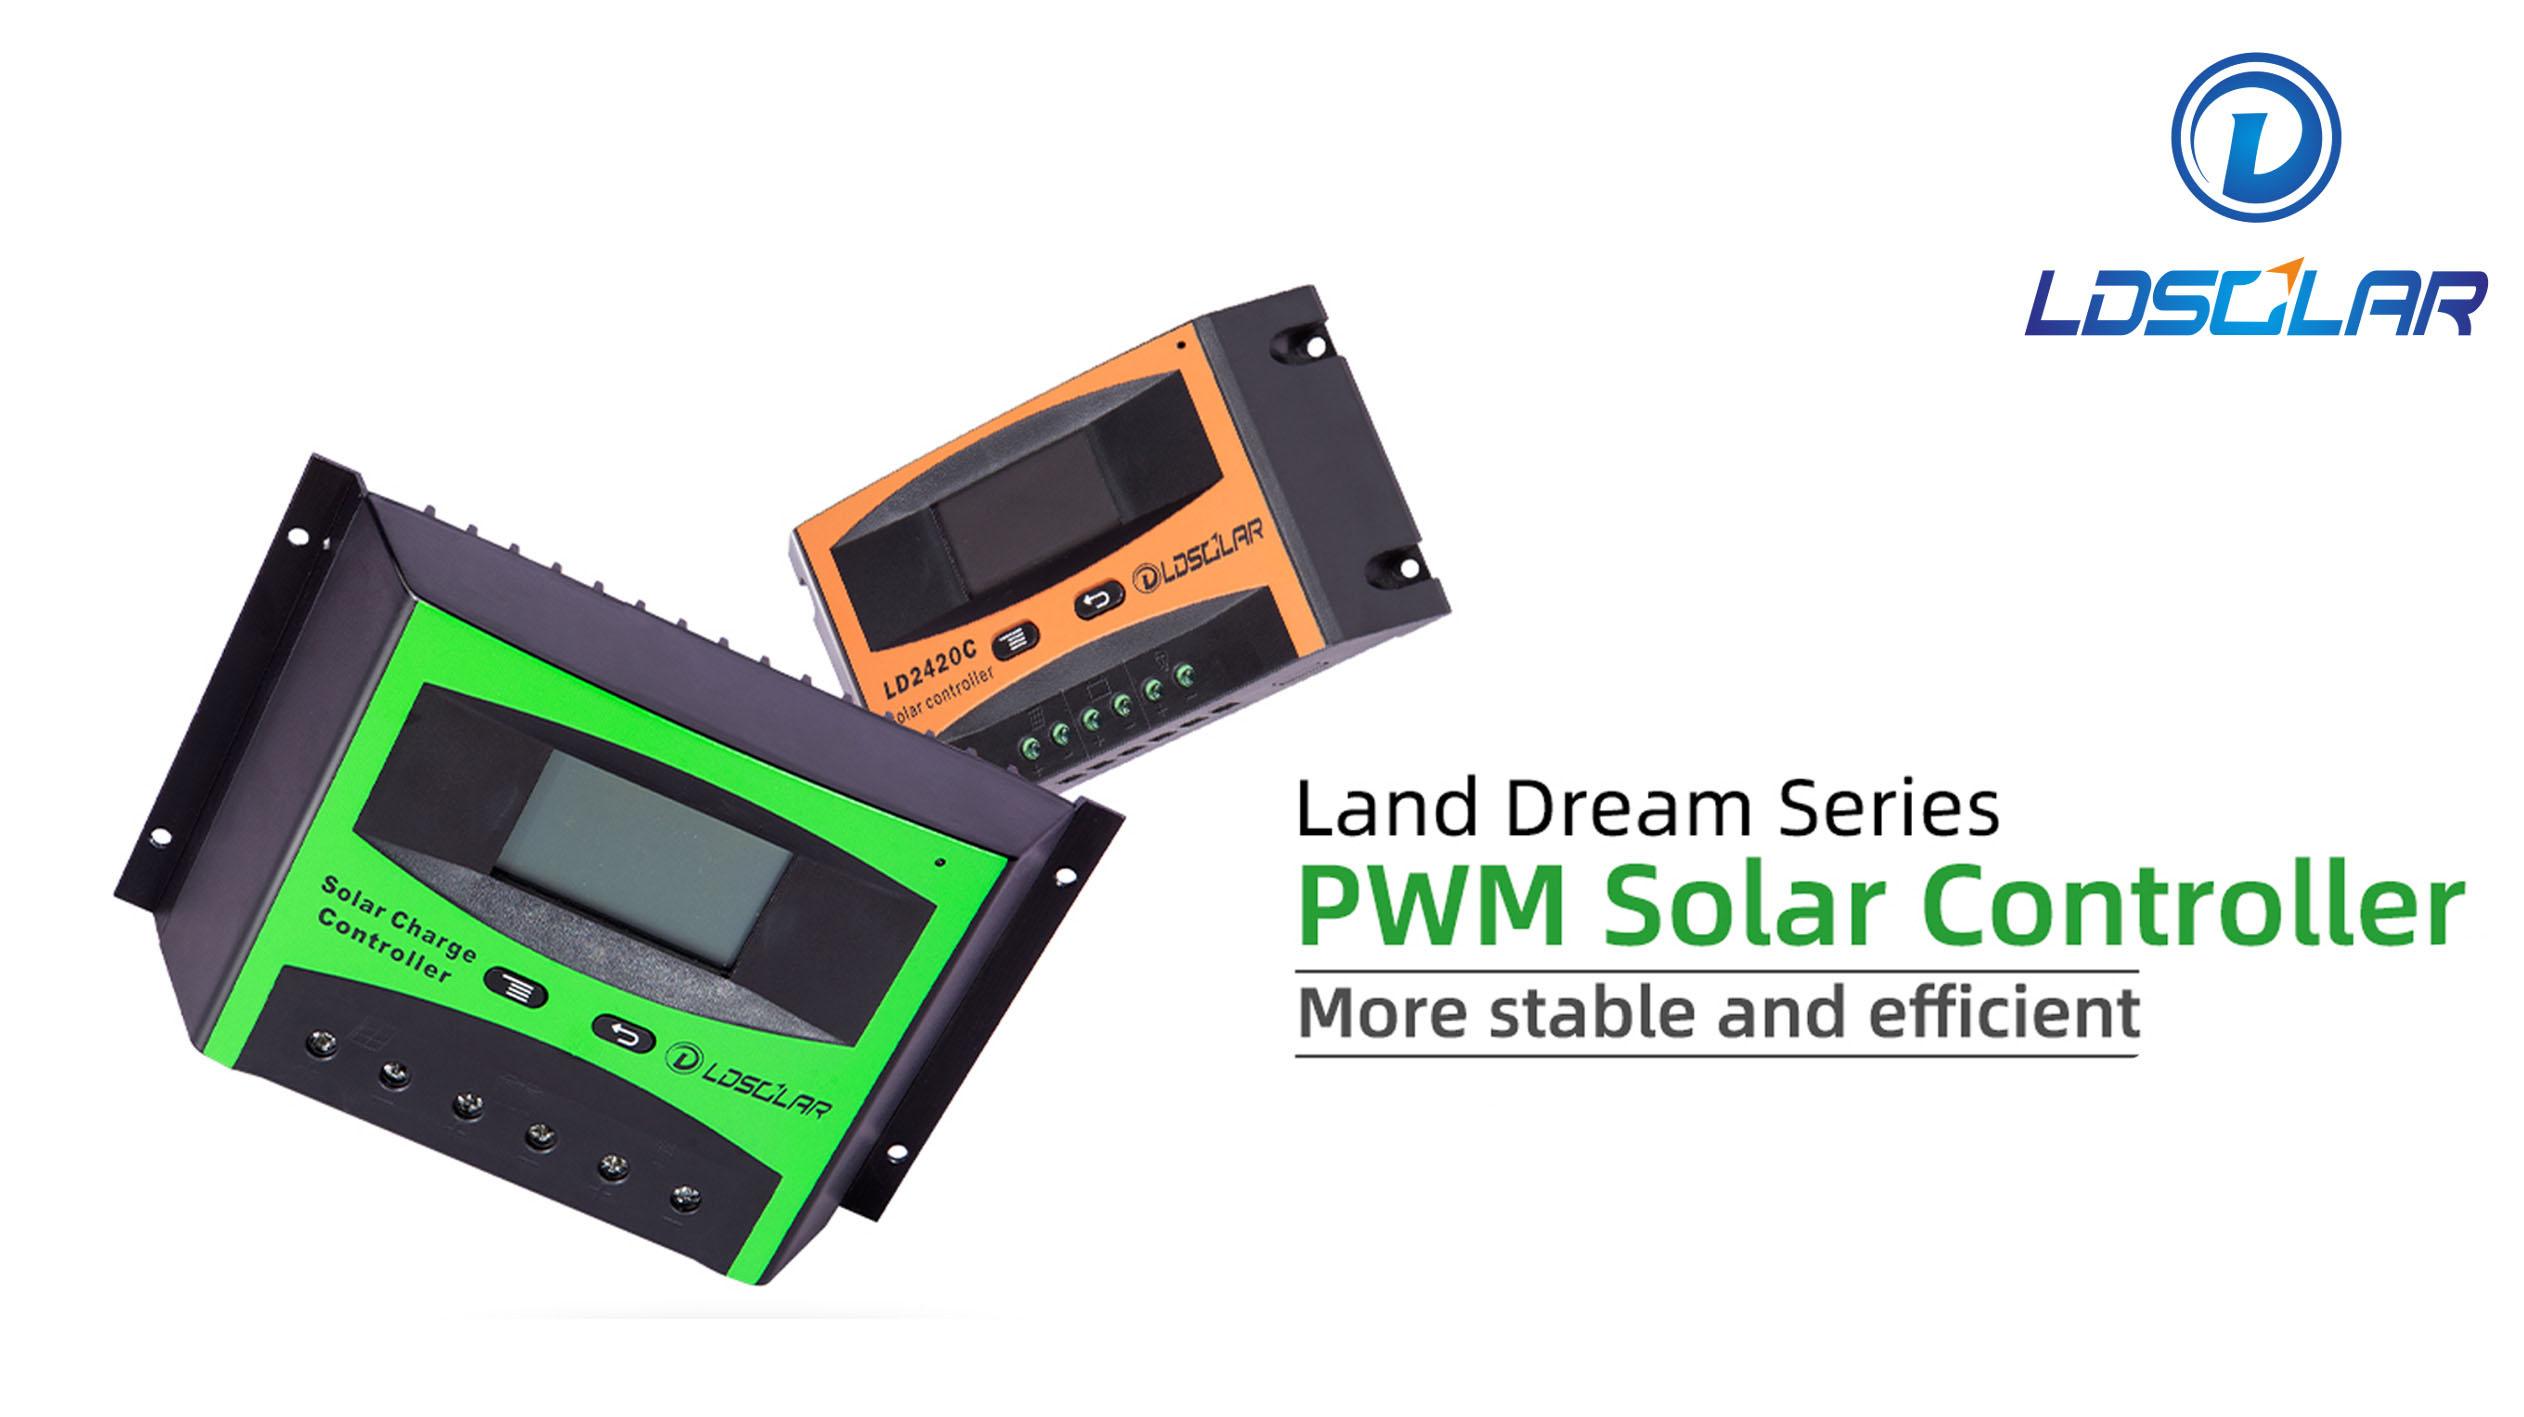 Land Dream Series PWM Solar Controller